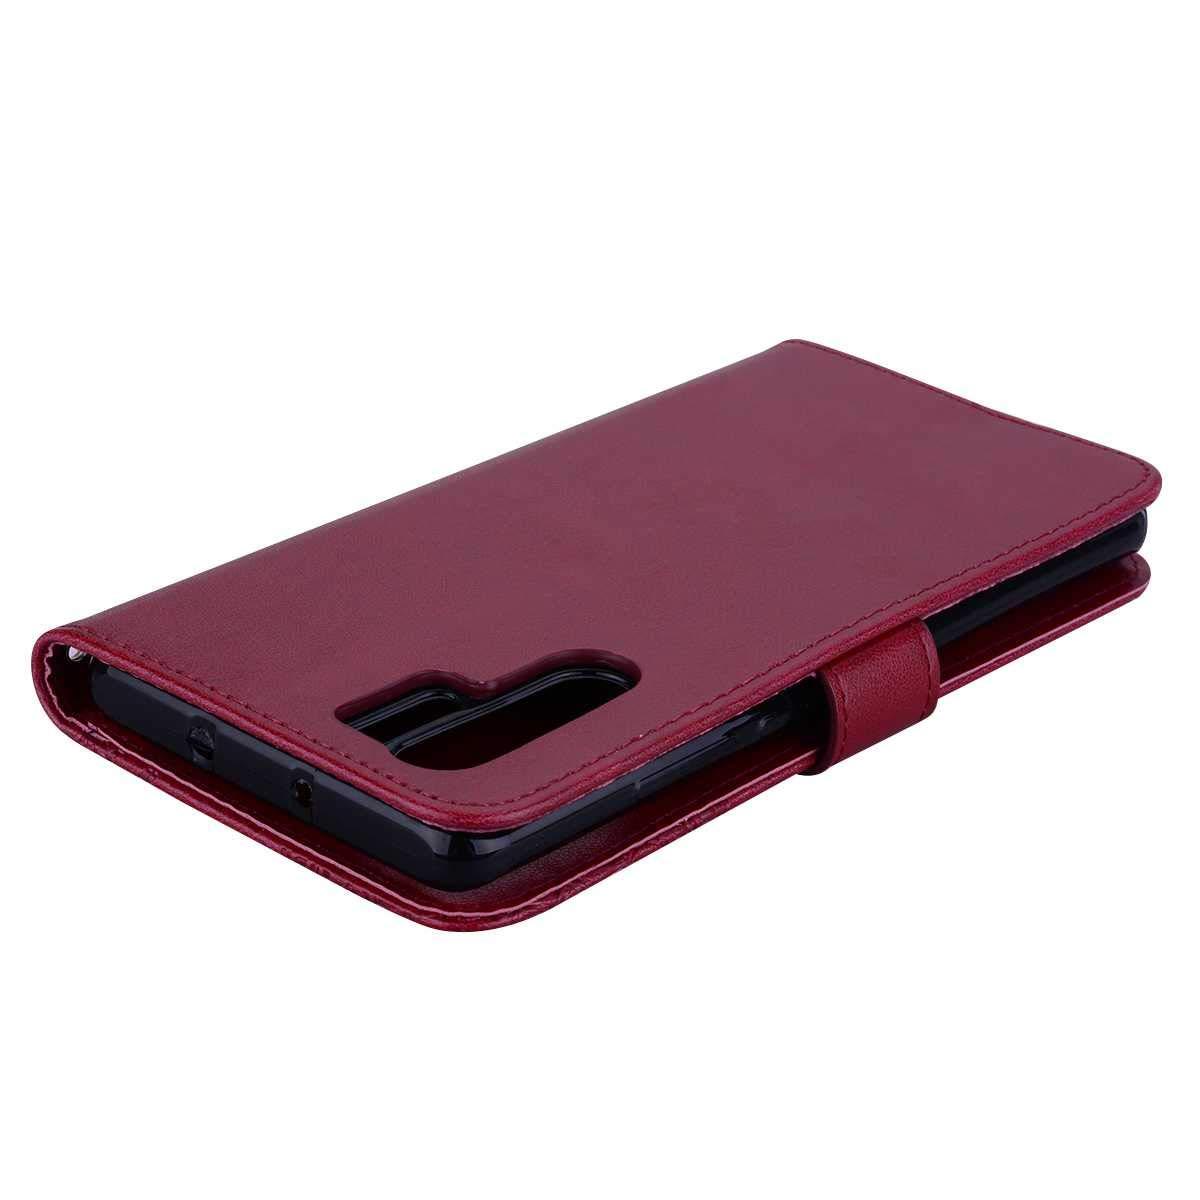 Brieftasche Leder Schutzh/ülle mit Kartenfach Gold Bear Village/® Huawei P30 Pro H/ülle Eule Magnet Verschluss Klapp St/änder H/ülle f/ür Huawei P30 Pro